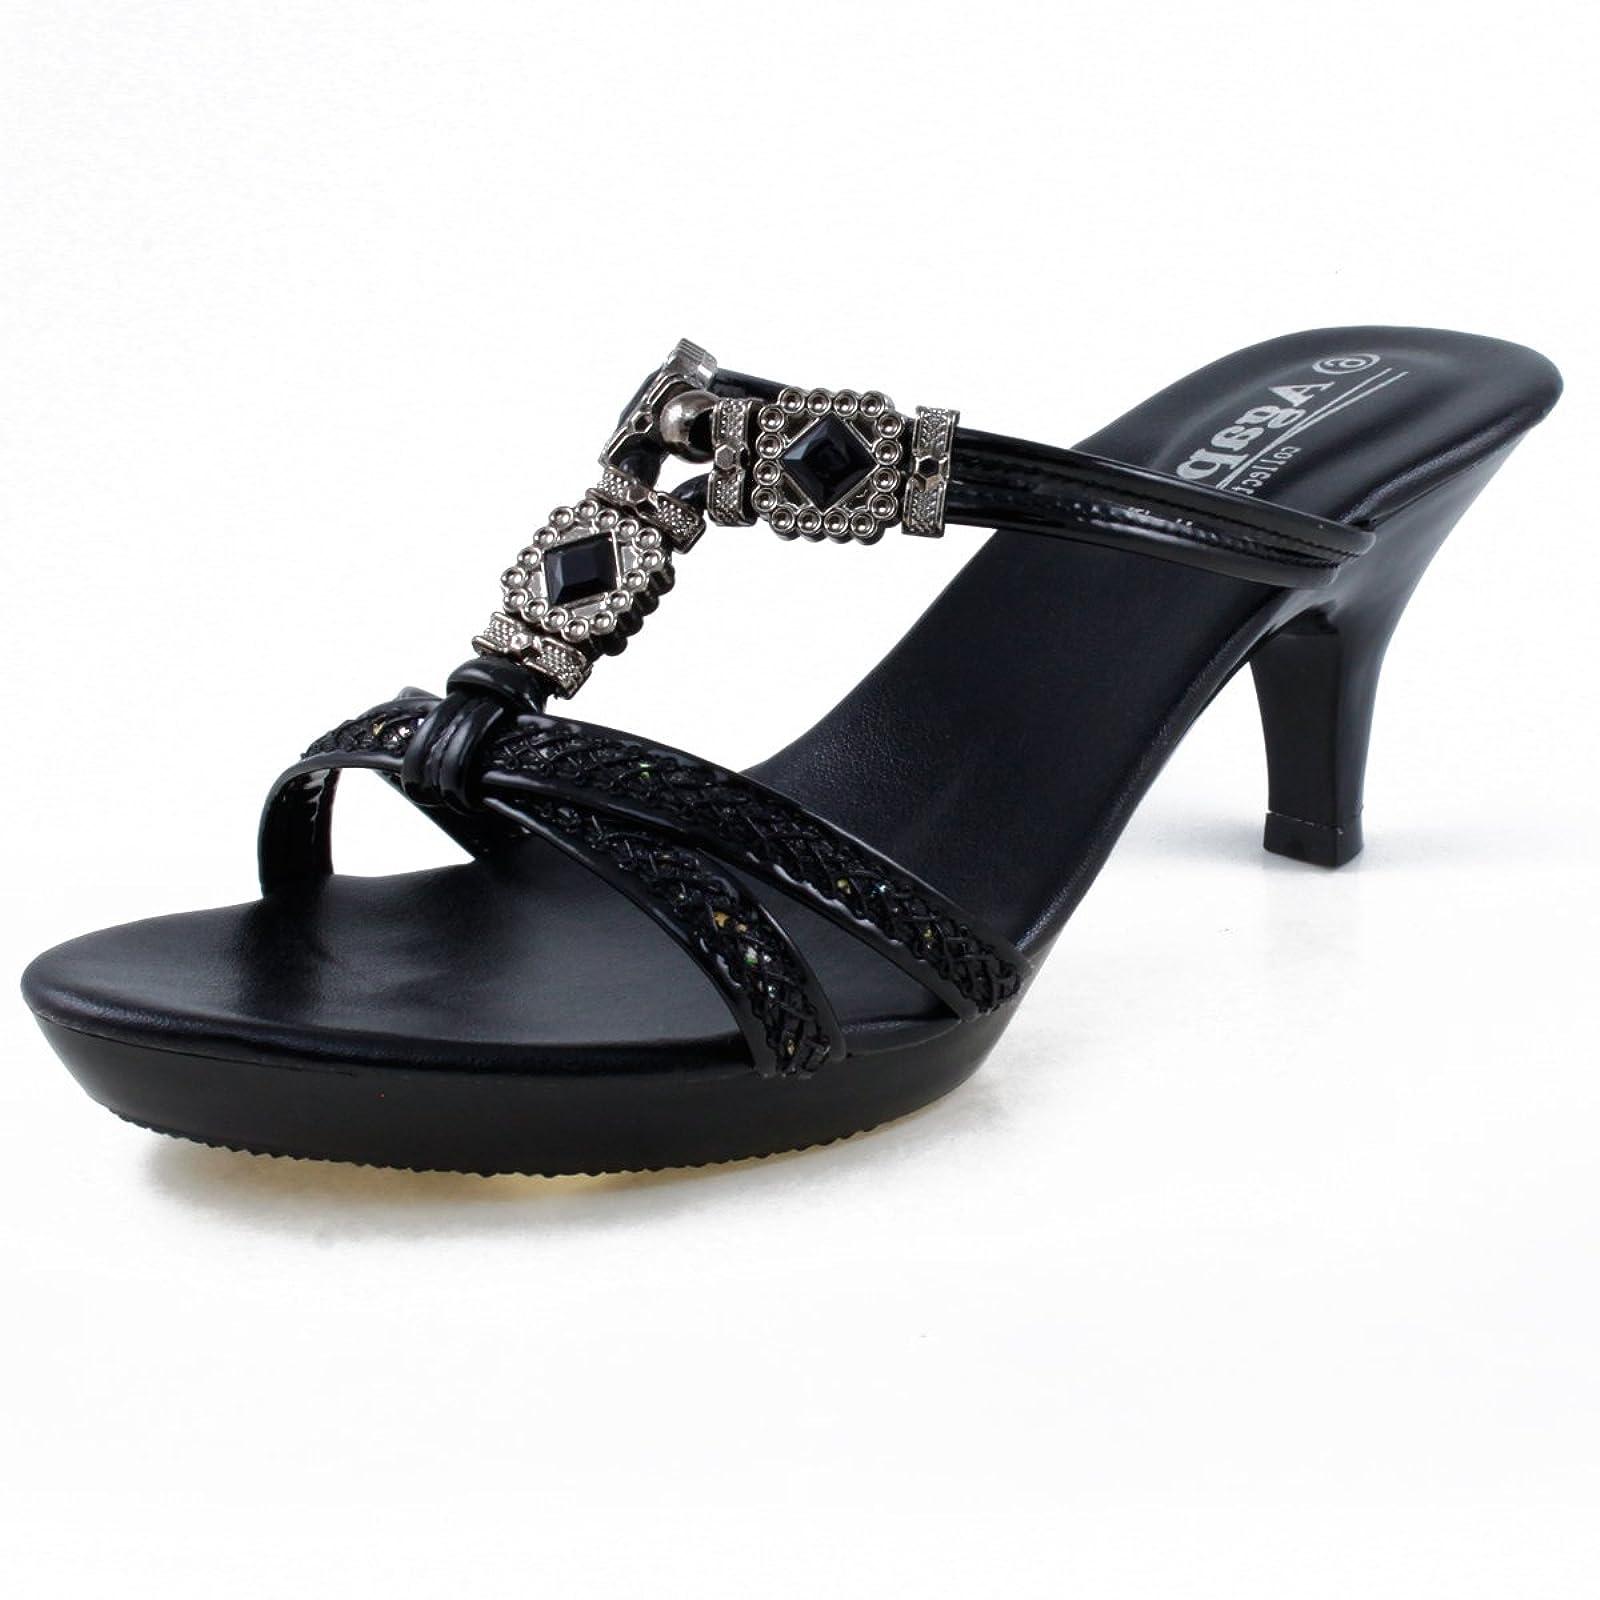 48cdf307712 ... Agape KATHLEEN-30 Jeweled Platform Heel 7.5 M US - 2 ...